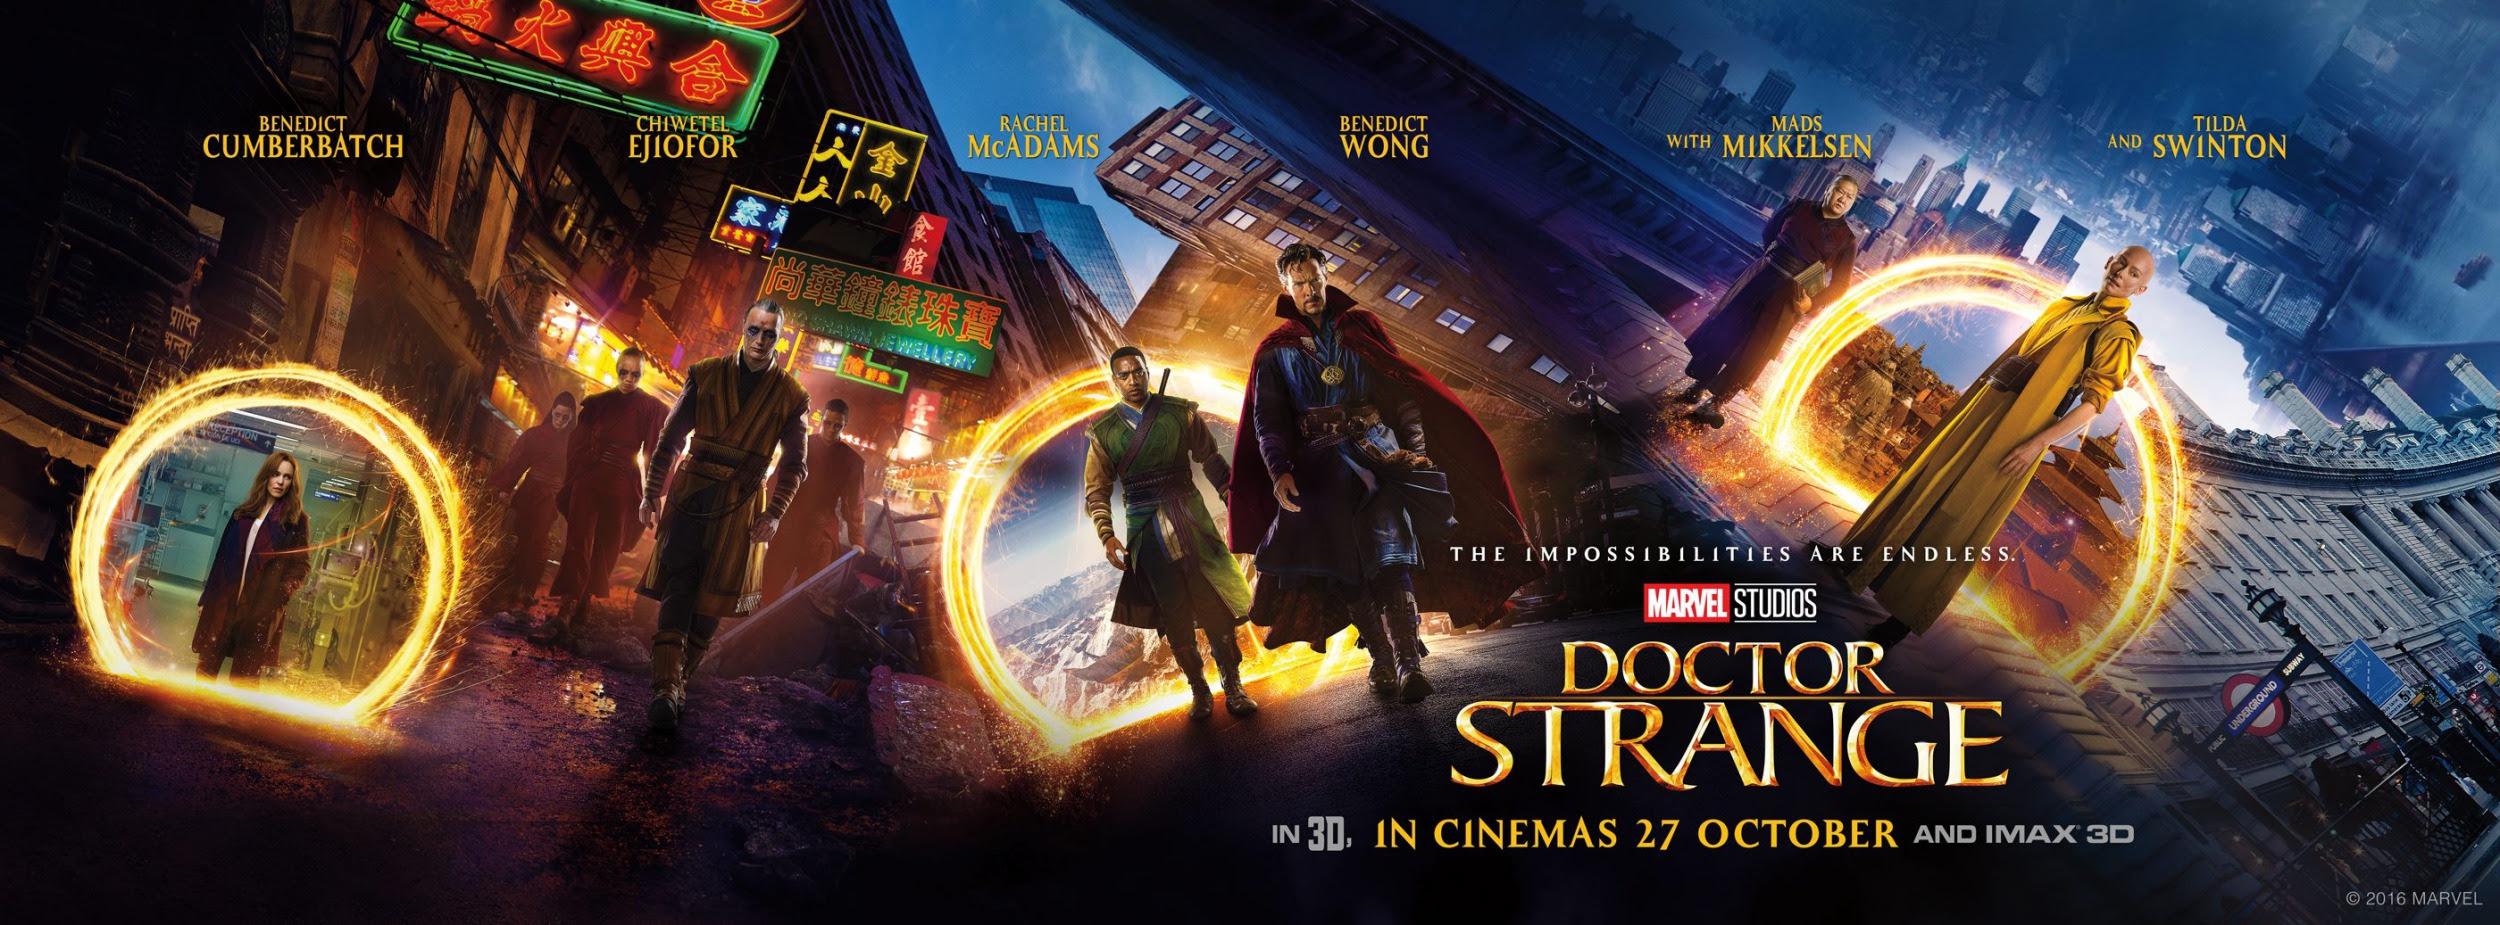 Resultado de imagem para Doctor Strange 2016 posters